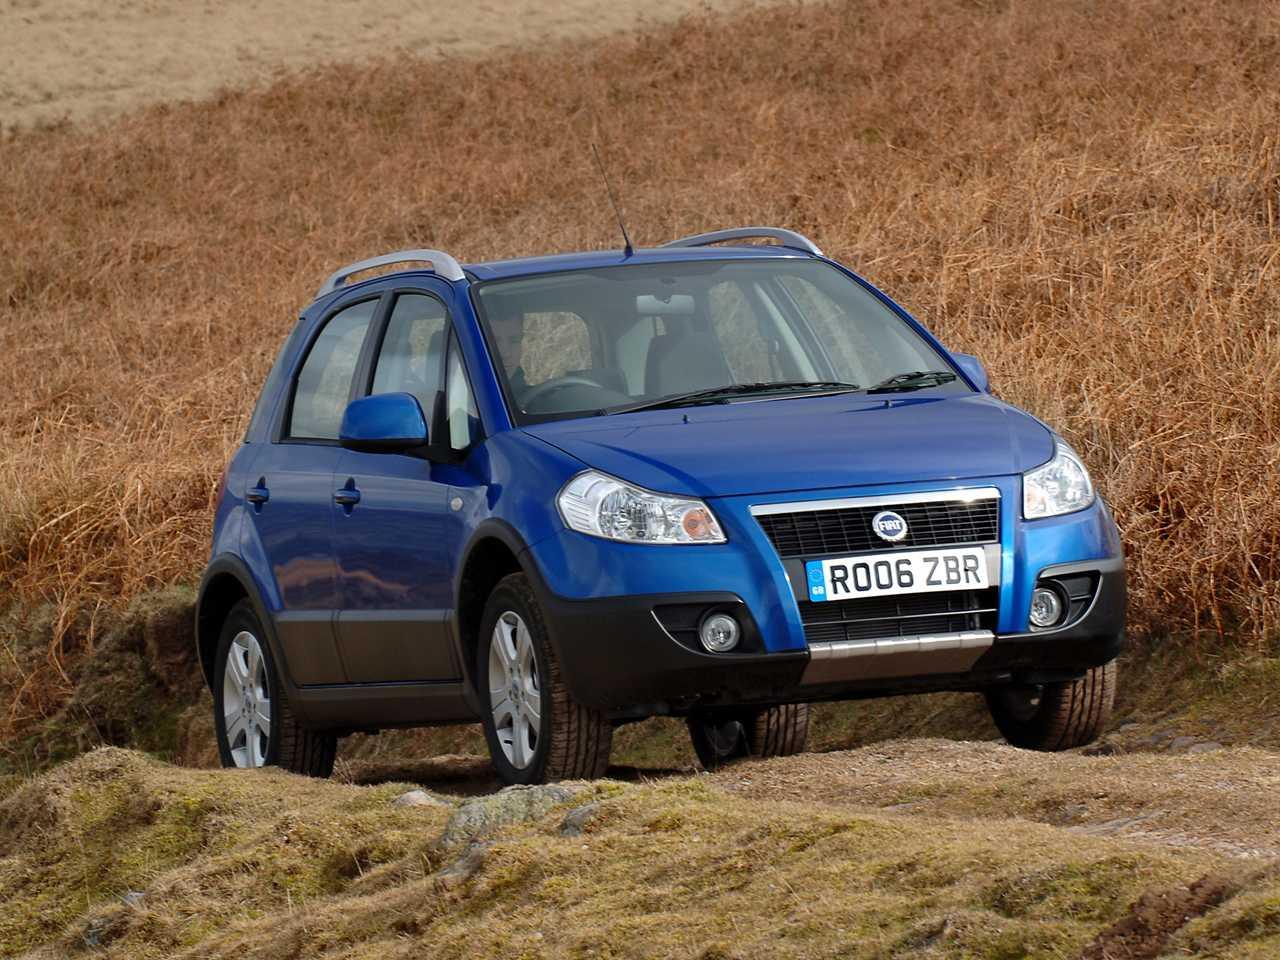 Fiat sedici цена, технические характеристики, фото, видео тест-драйв